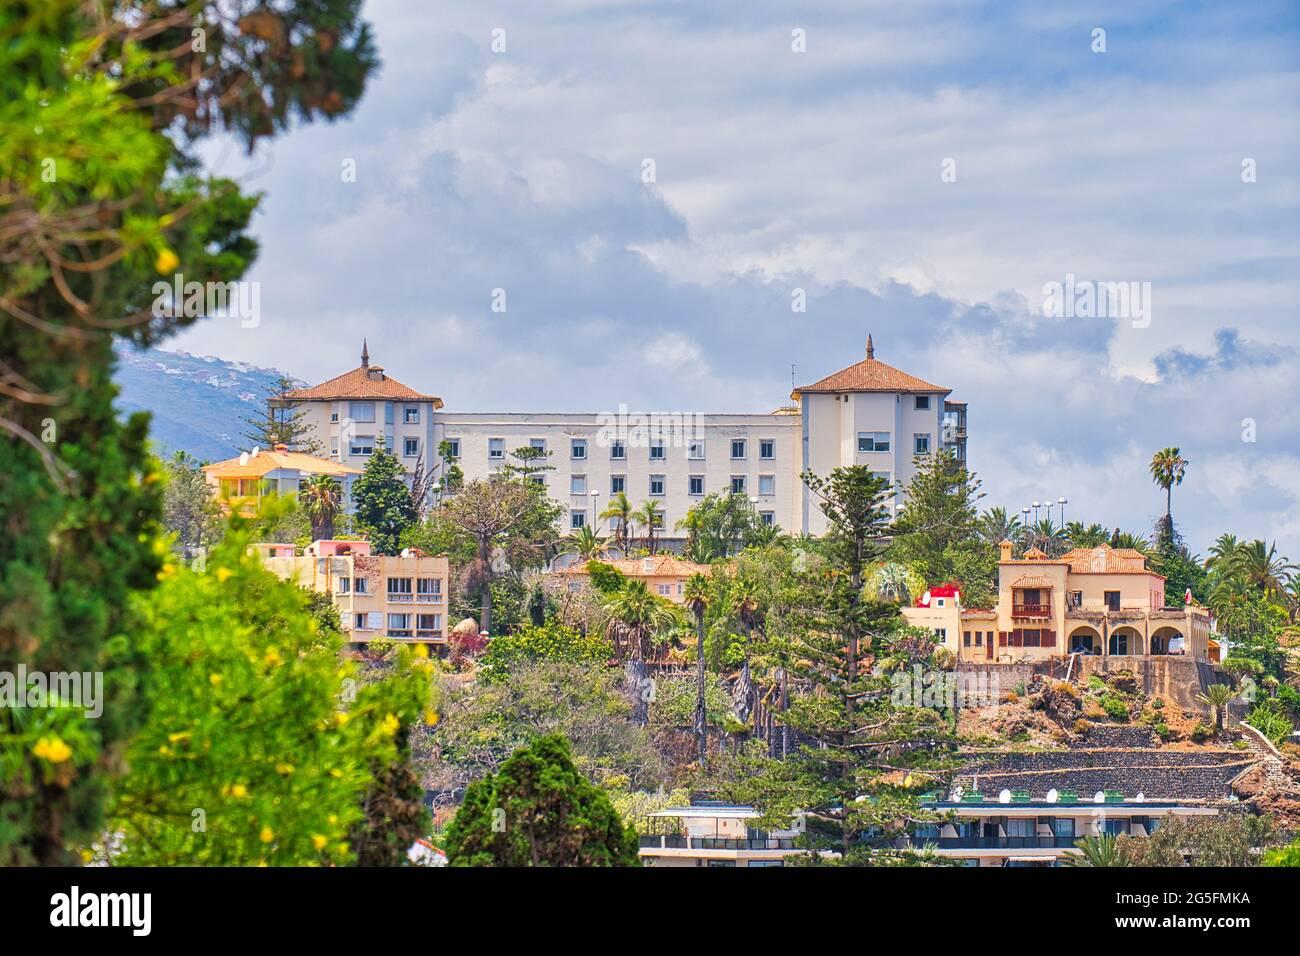 Le Gran Hotel Taoro le premier hôtel de luxe a ouvert ses portes en Espagne en 1890. C'était un établissement pionnier dans le secteur du tourisme des îles Canaries. Banque D'Images